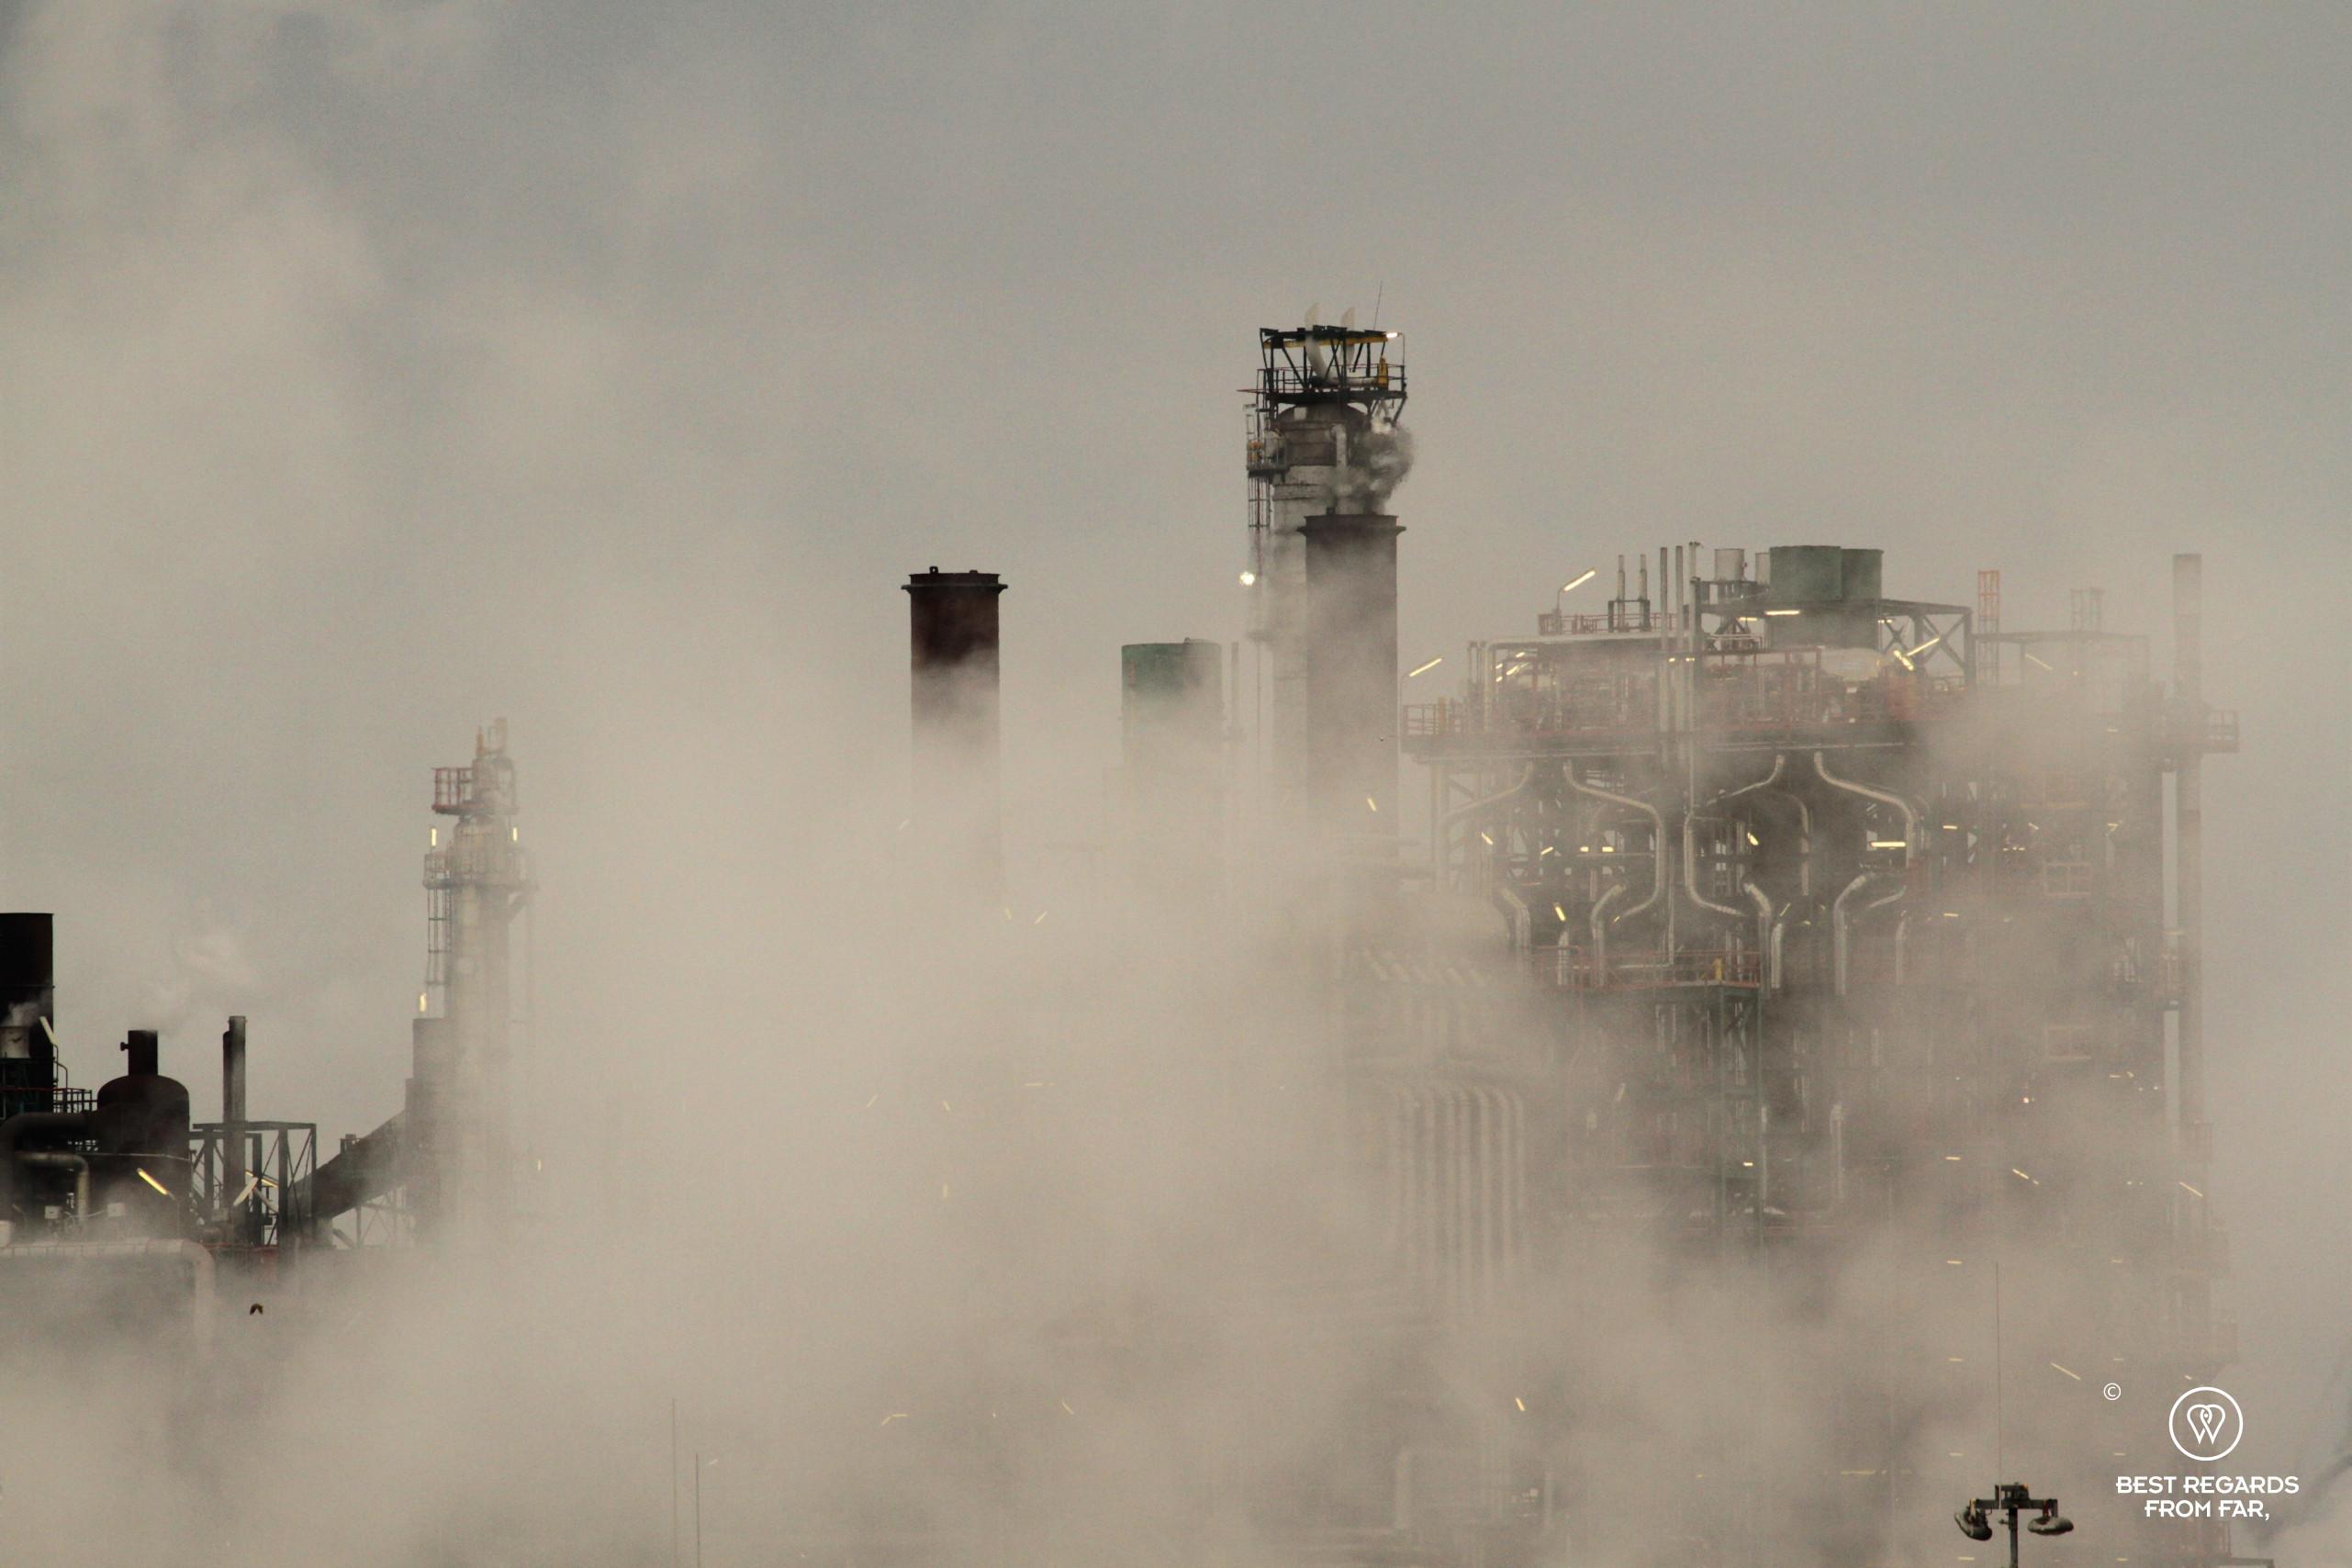 Lit refinery amidst exhaust smoke in the harbour of Antwerp, Belgium